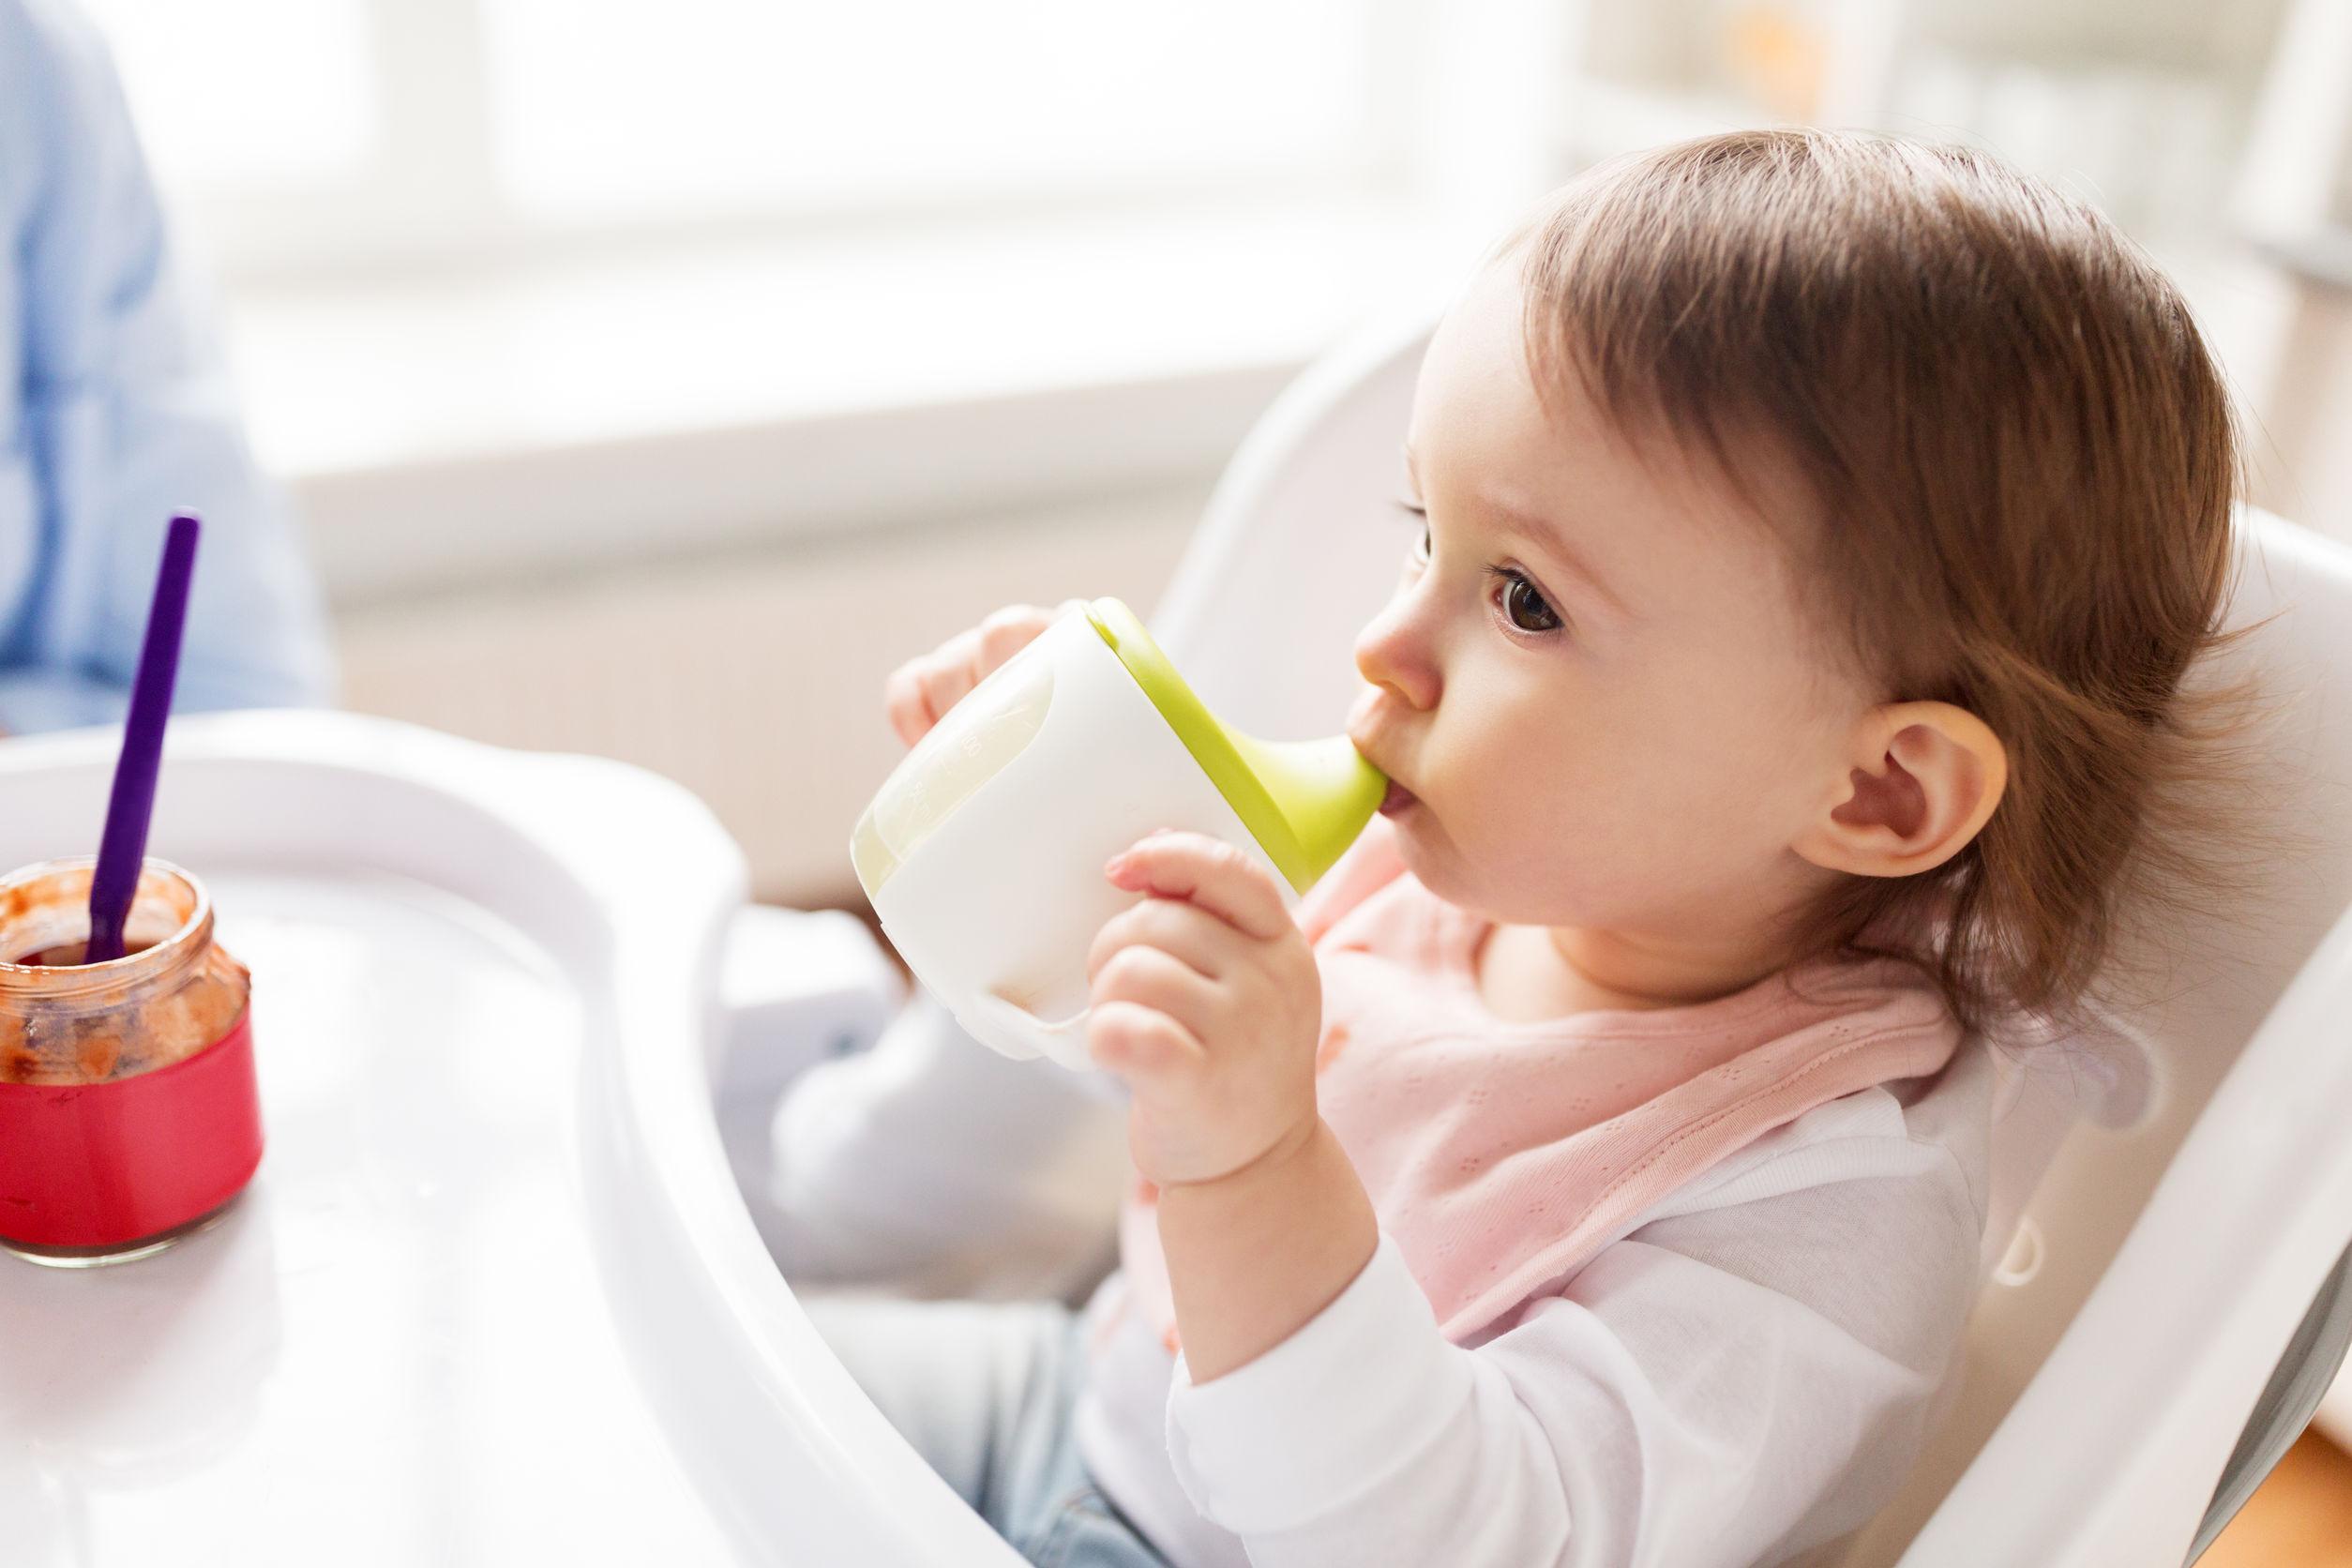 Imagem de uma criança bebendo em um copo antivazamento.